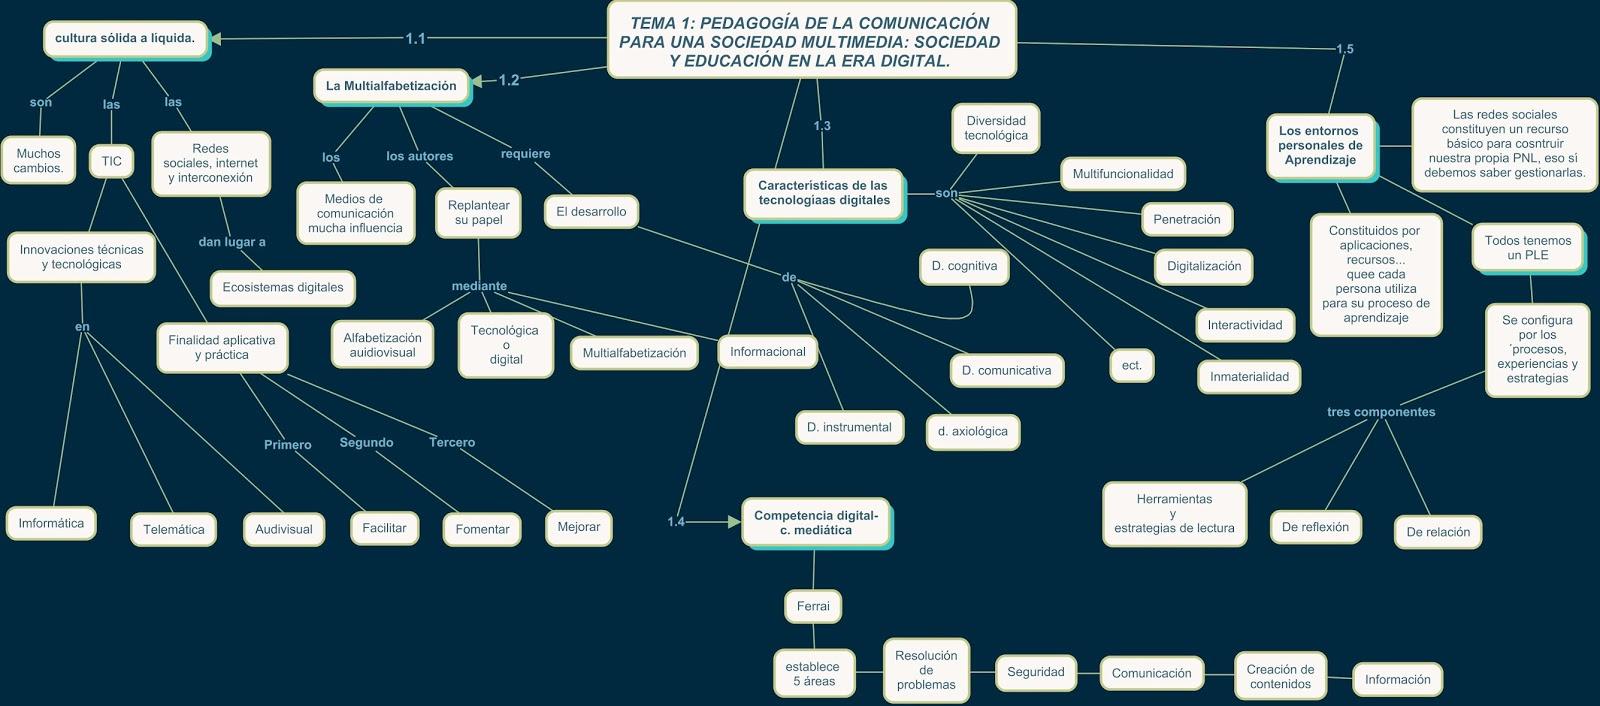 Juego De Tronos Mapa Conceptual Tema 1